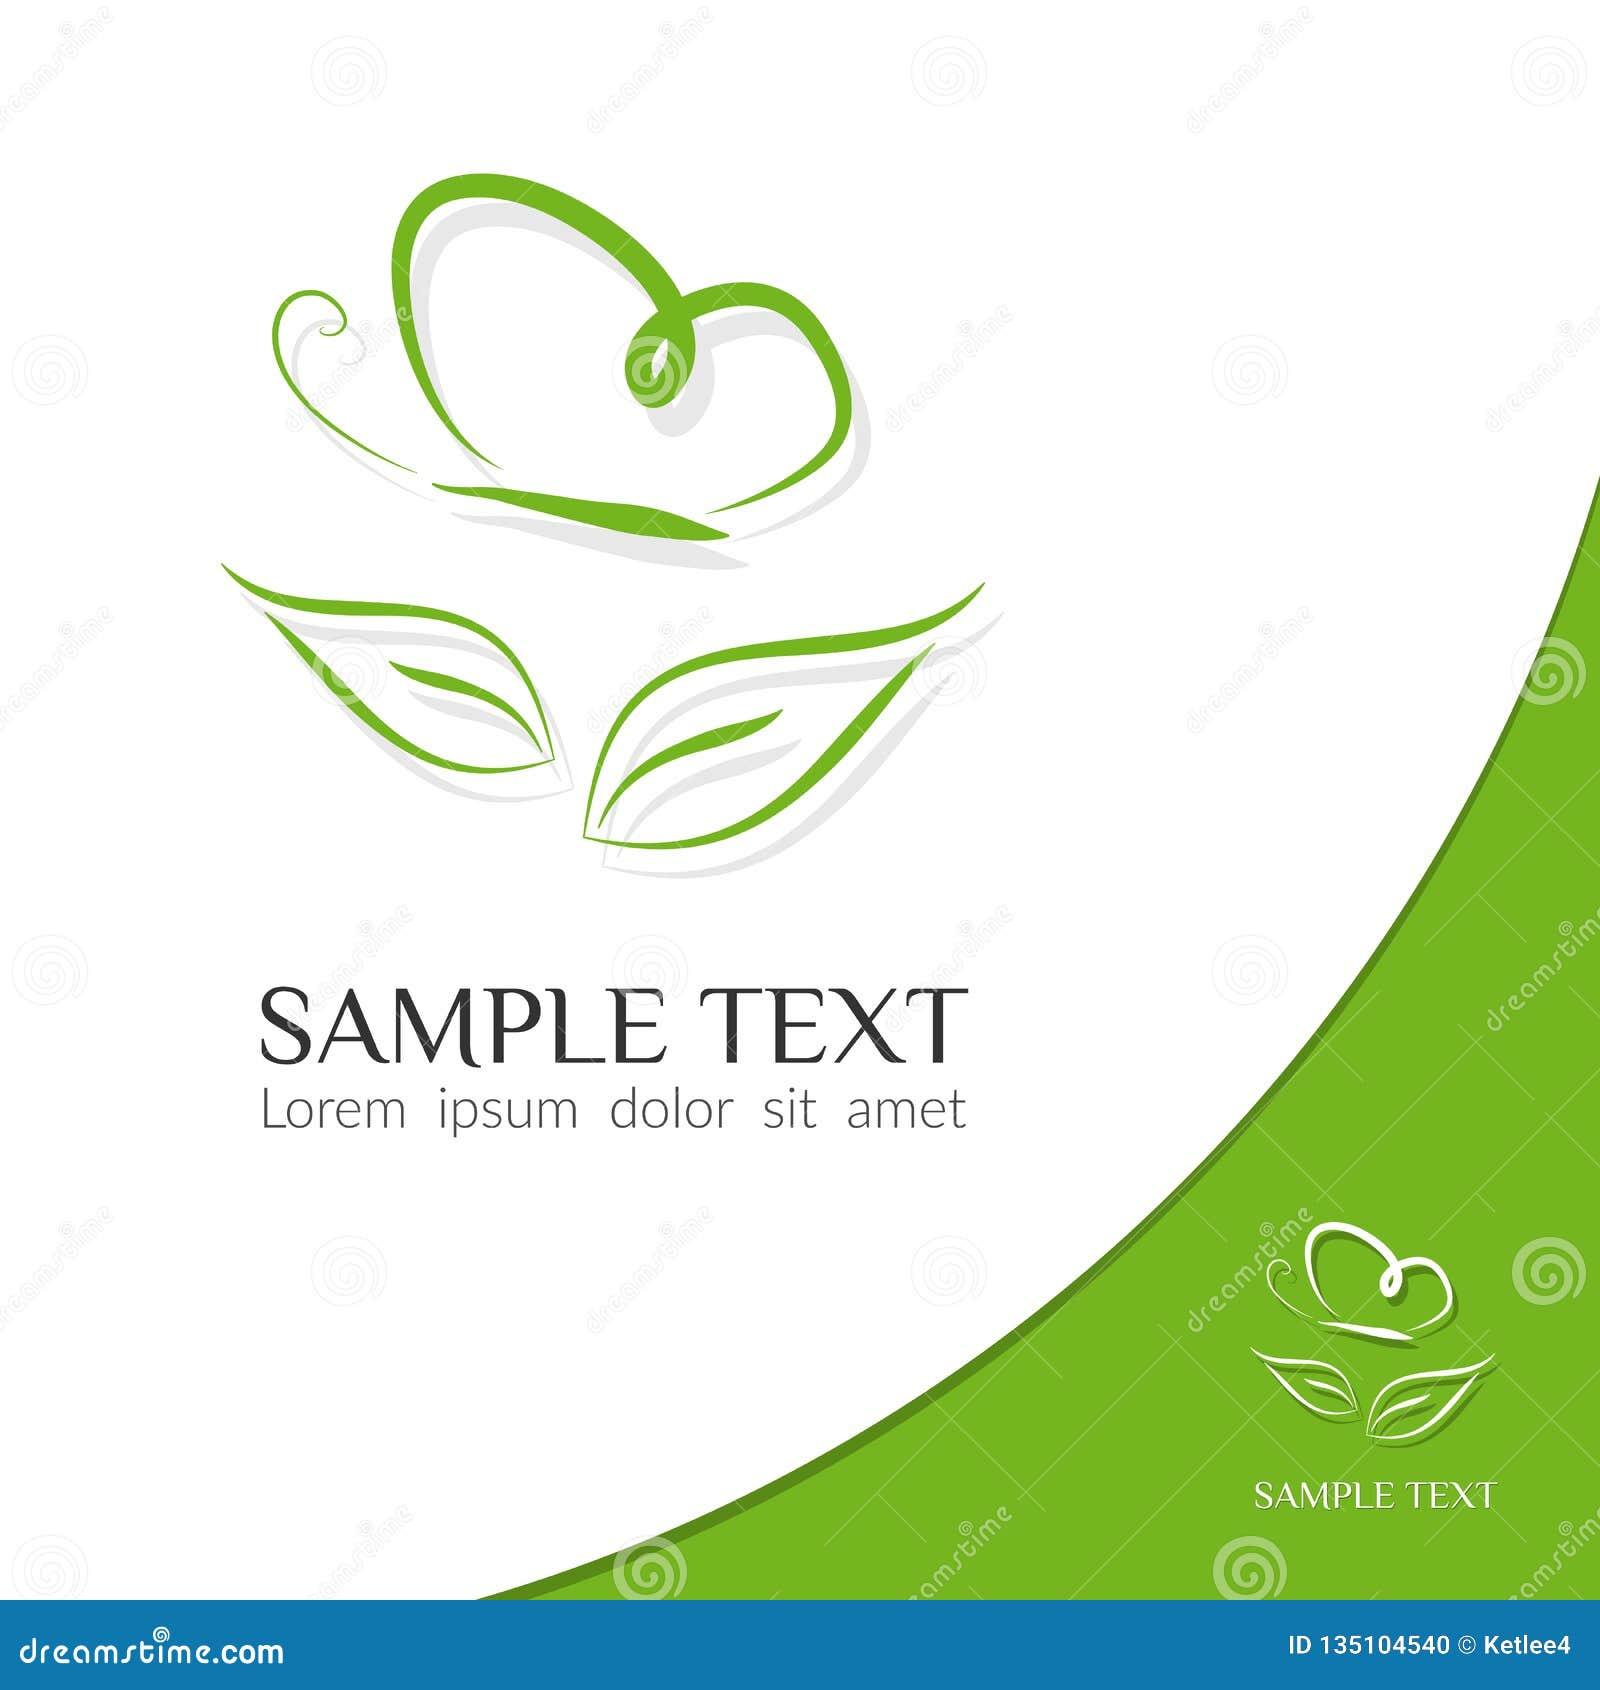 Linjer för symbol för fjäril för Eco symbolsgräsplan av en kontur av en fjäril över ett blad på logo för grafisk design för ljus